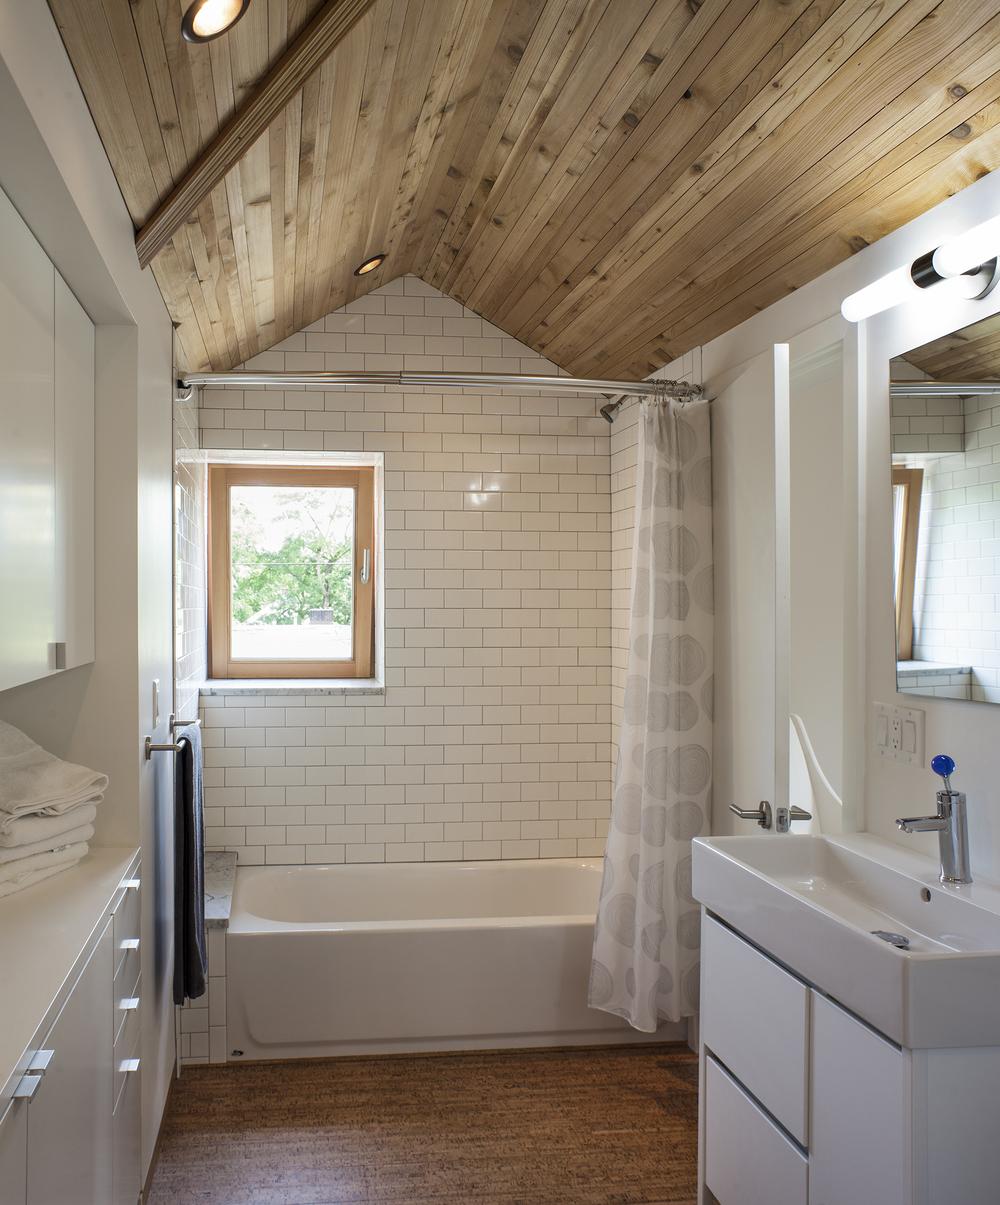 bathromm 2.jpg